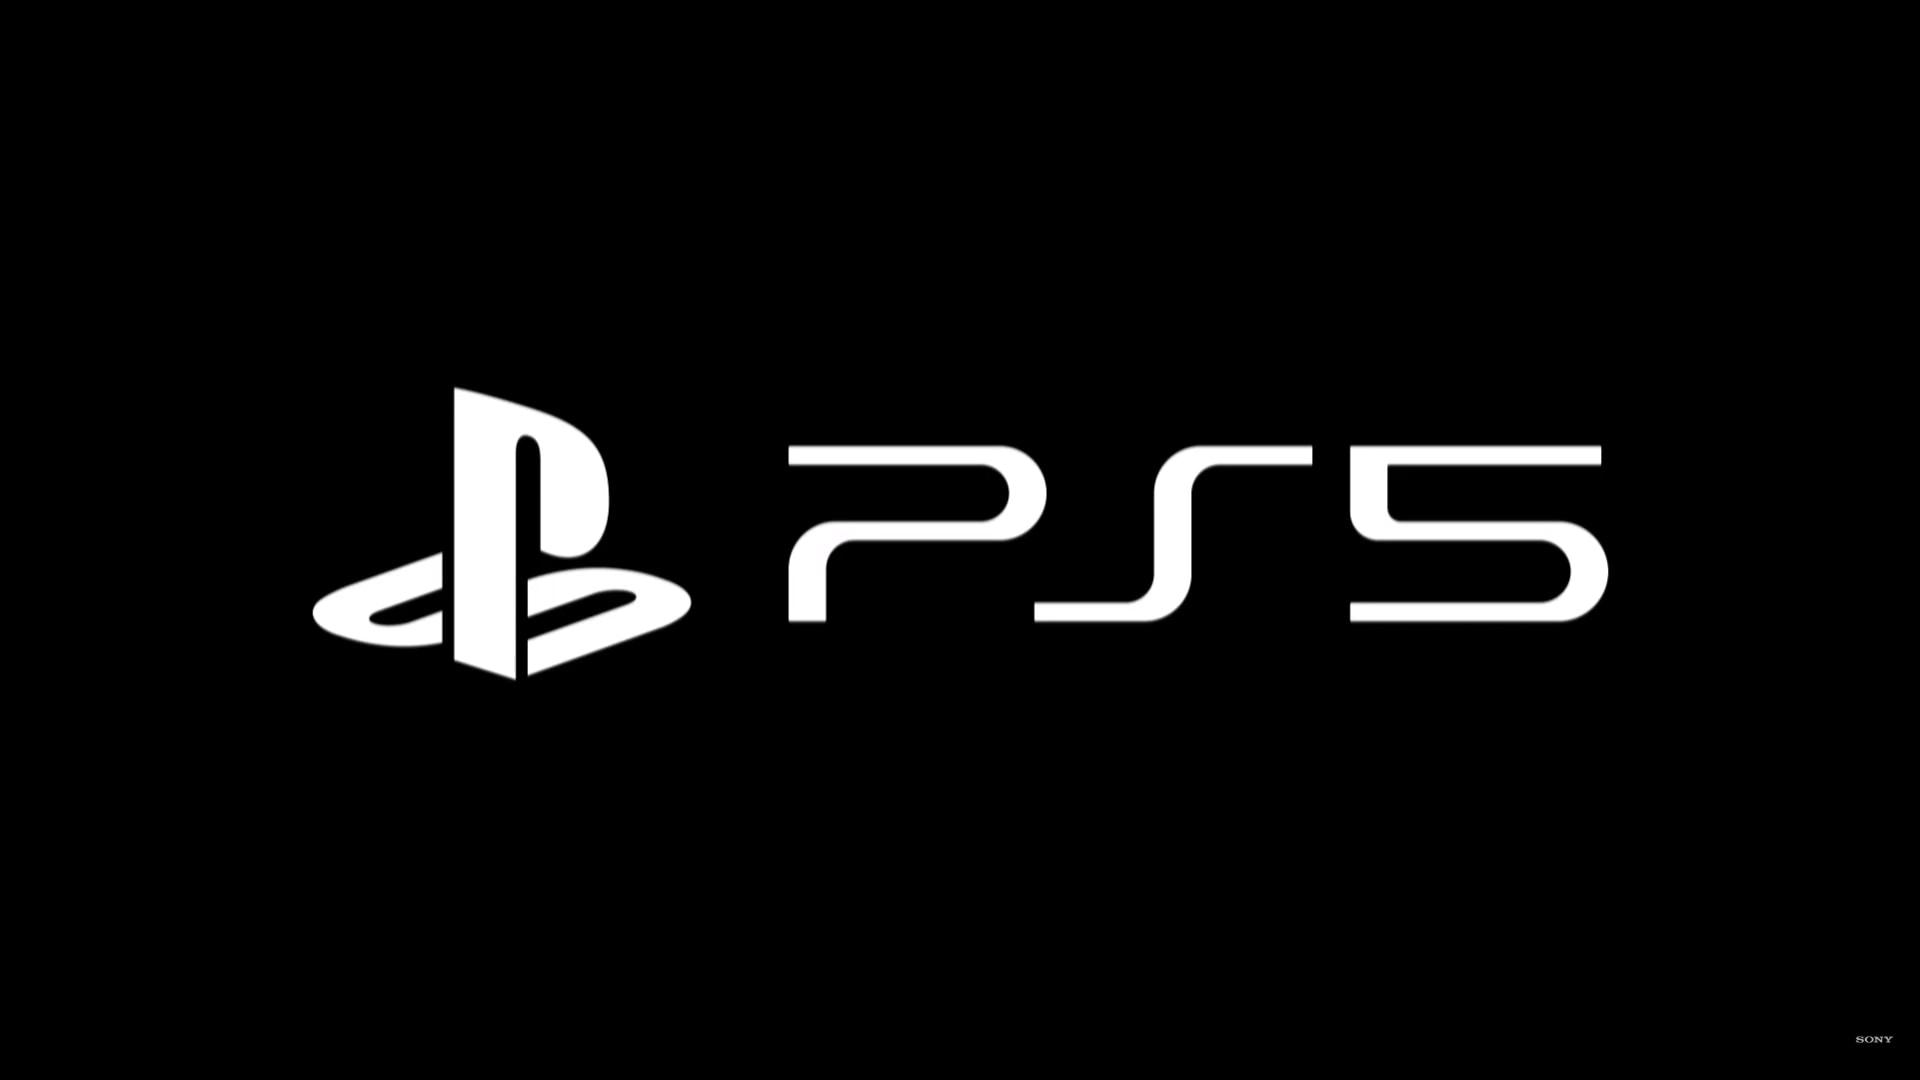 彭博社:PS5成本约为450美元,索尼在定价上很纠结